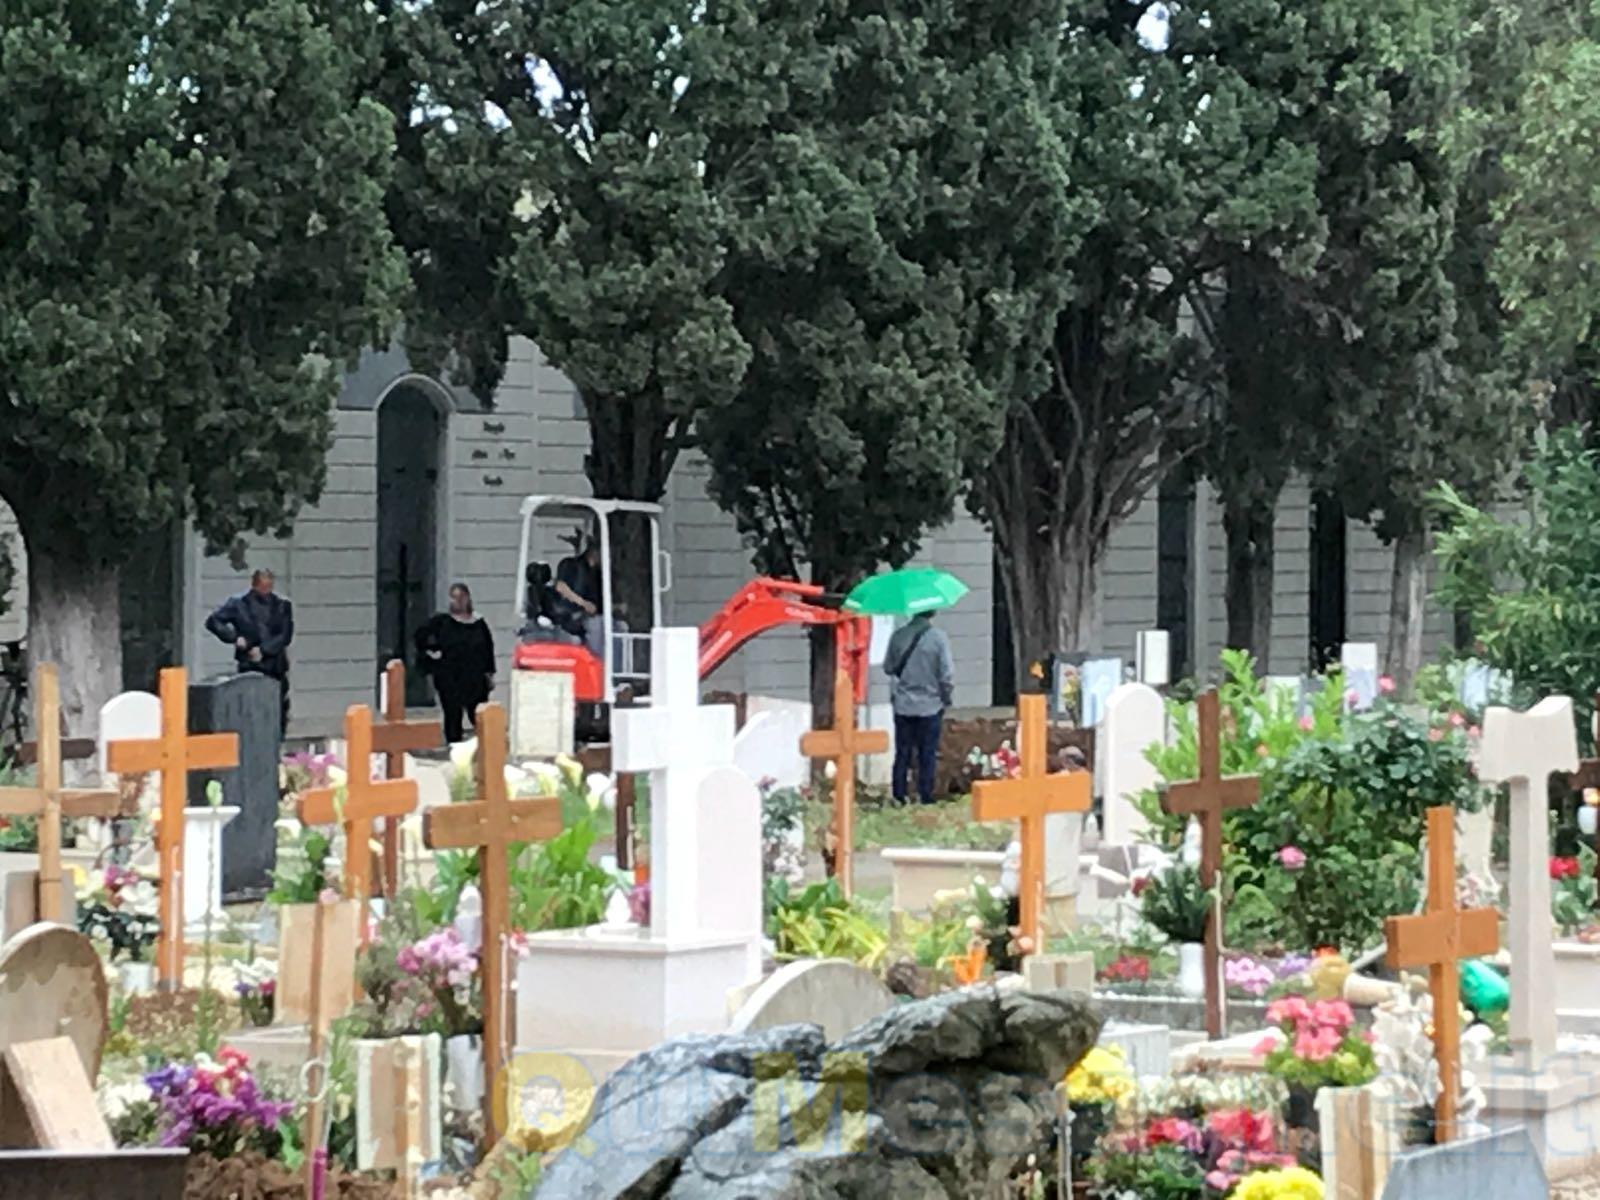 Cimitero comunale, dubbi sull'uso dell'escavatore nei momenti di dolore